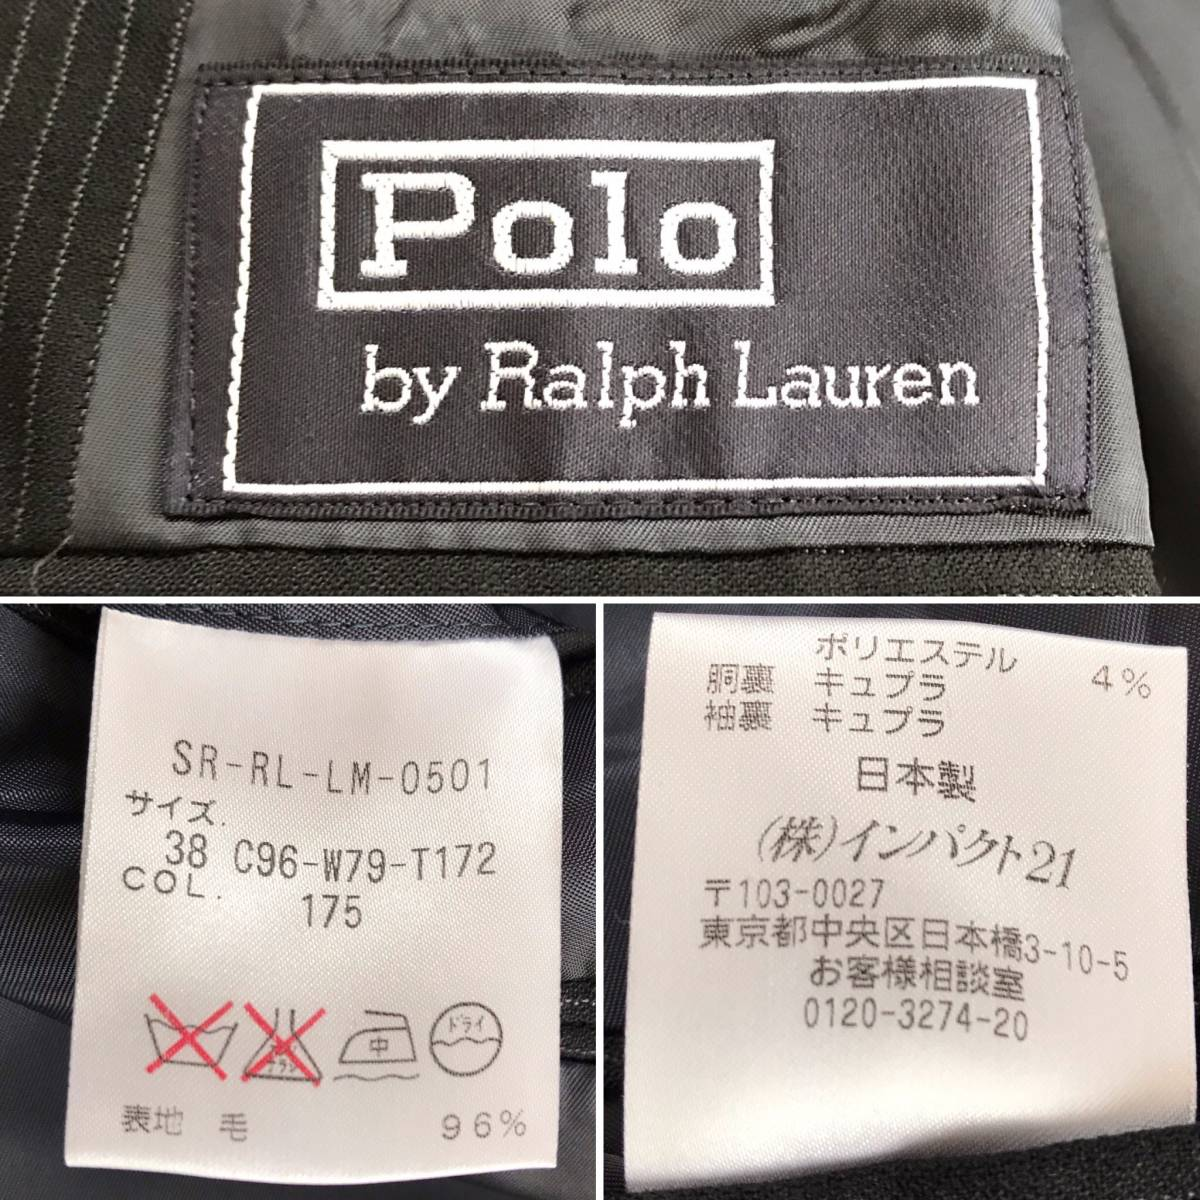 ★極上の逸品!【美品】ポロ ラルフローレン Polo by RalphLauren ストライプ柄 3つボタン スーツ 日本製 38(Mサイズ相当)_画像10